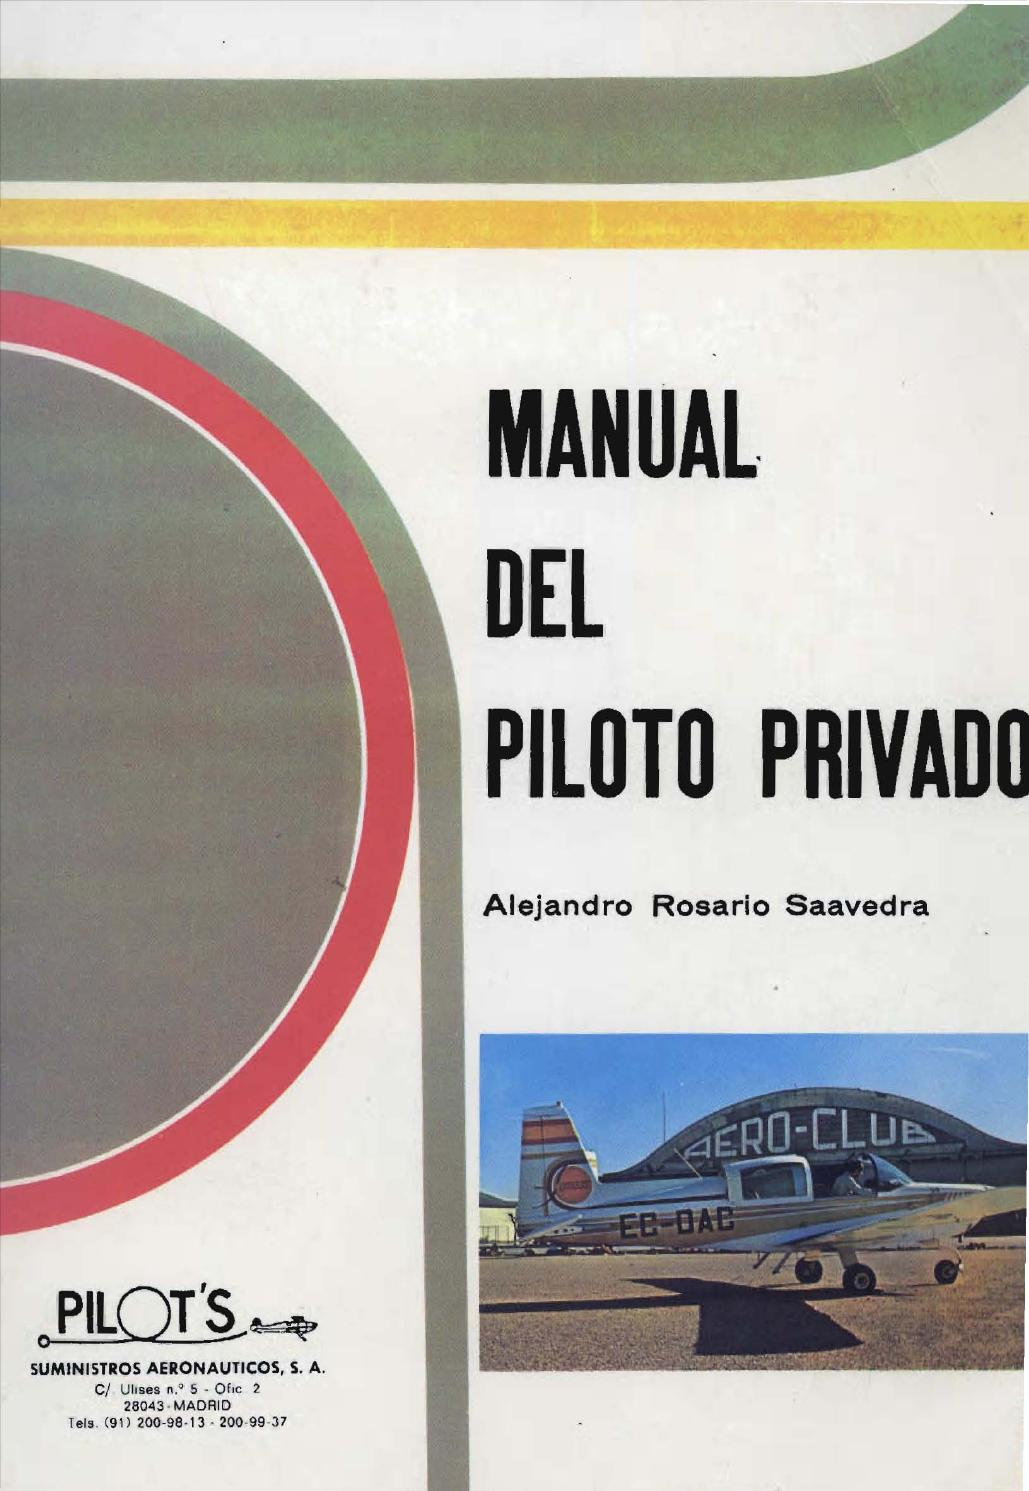 Manual del Piloto Privado by Flightmex Escuela de Aviacion - issuu